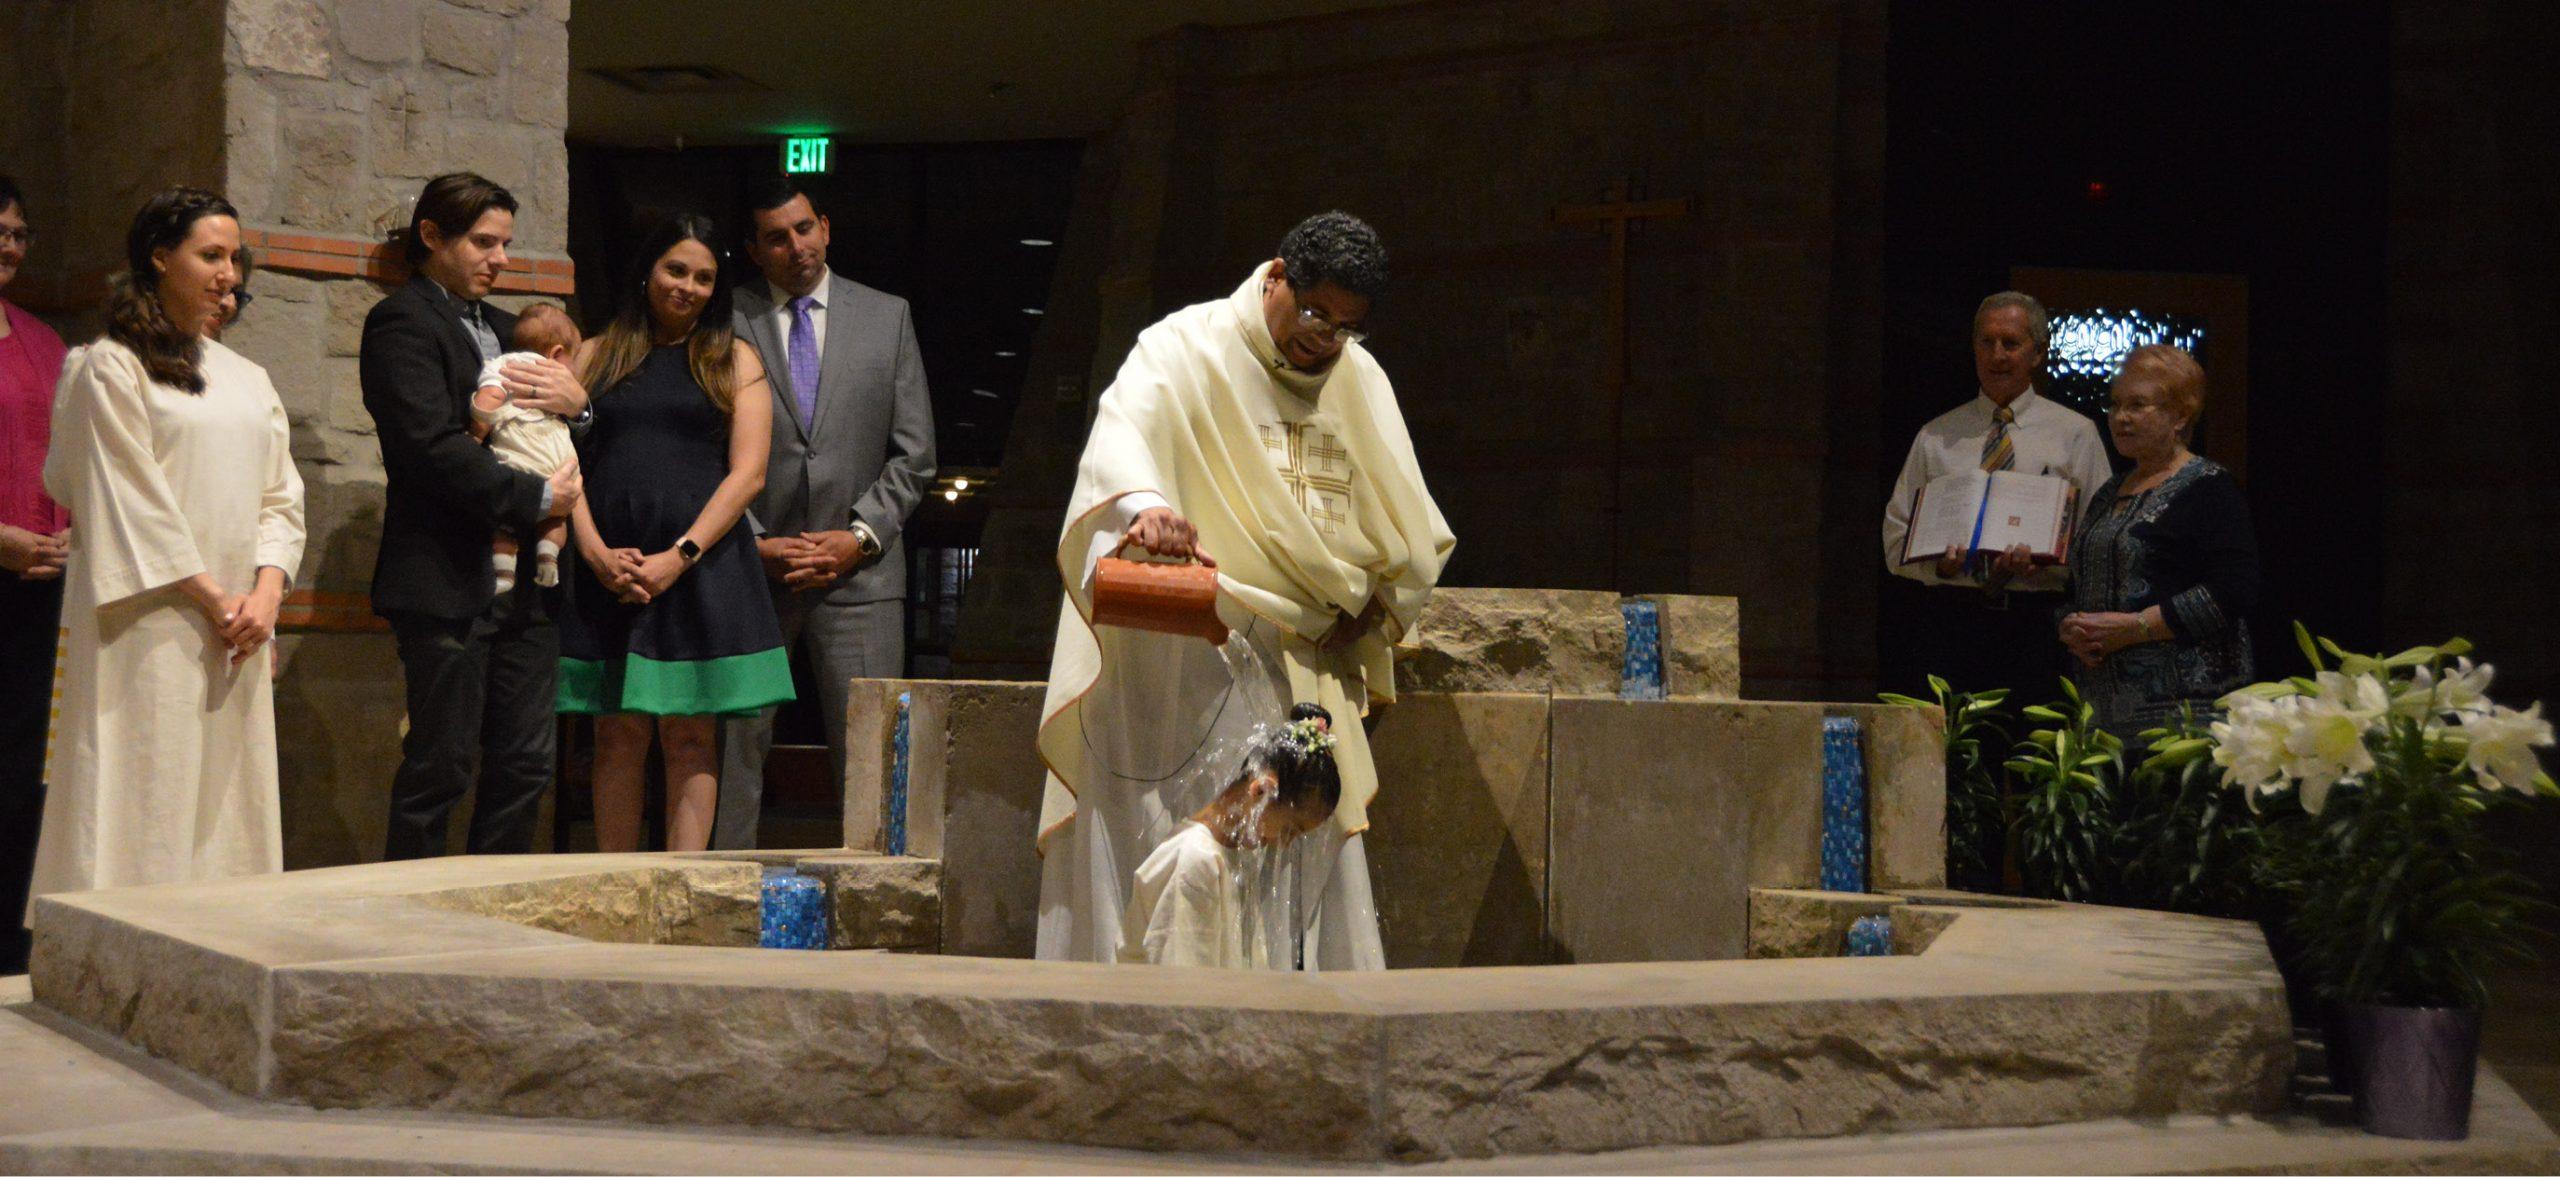 Easter-Vigil-2019-Baptism-scaled